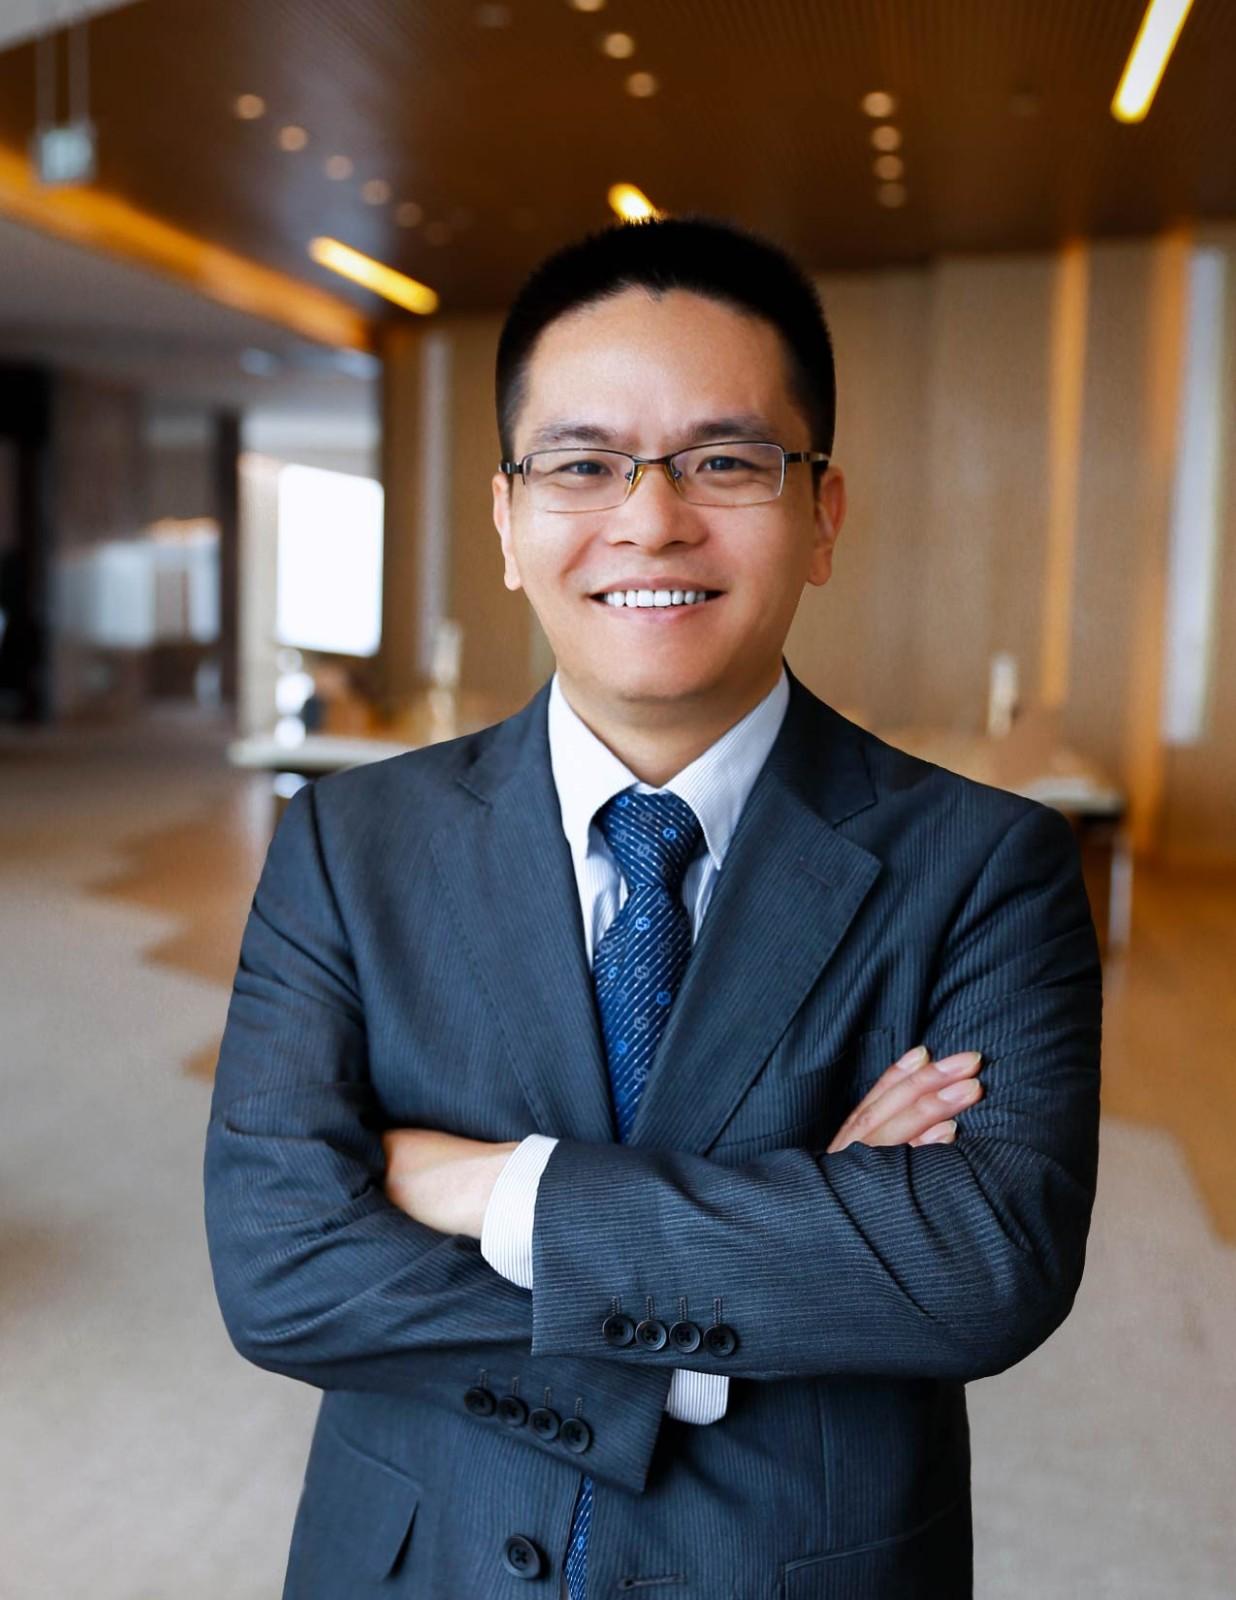 Kang Chaofeng